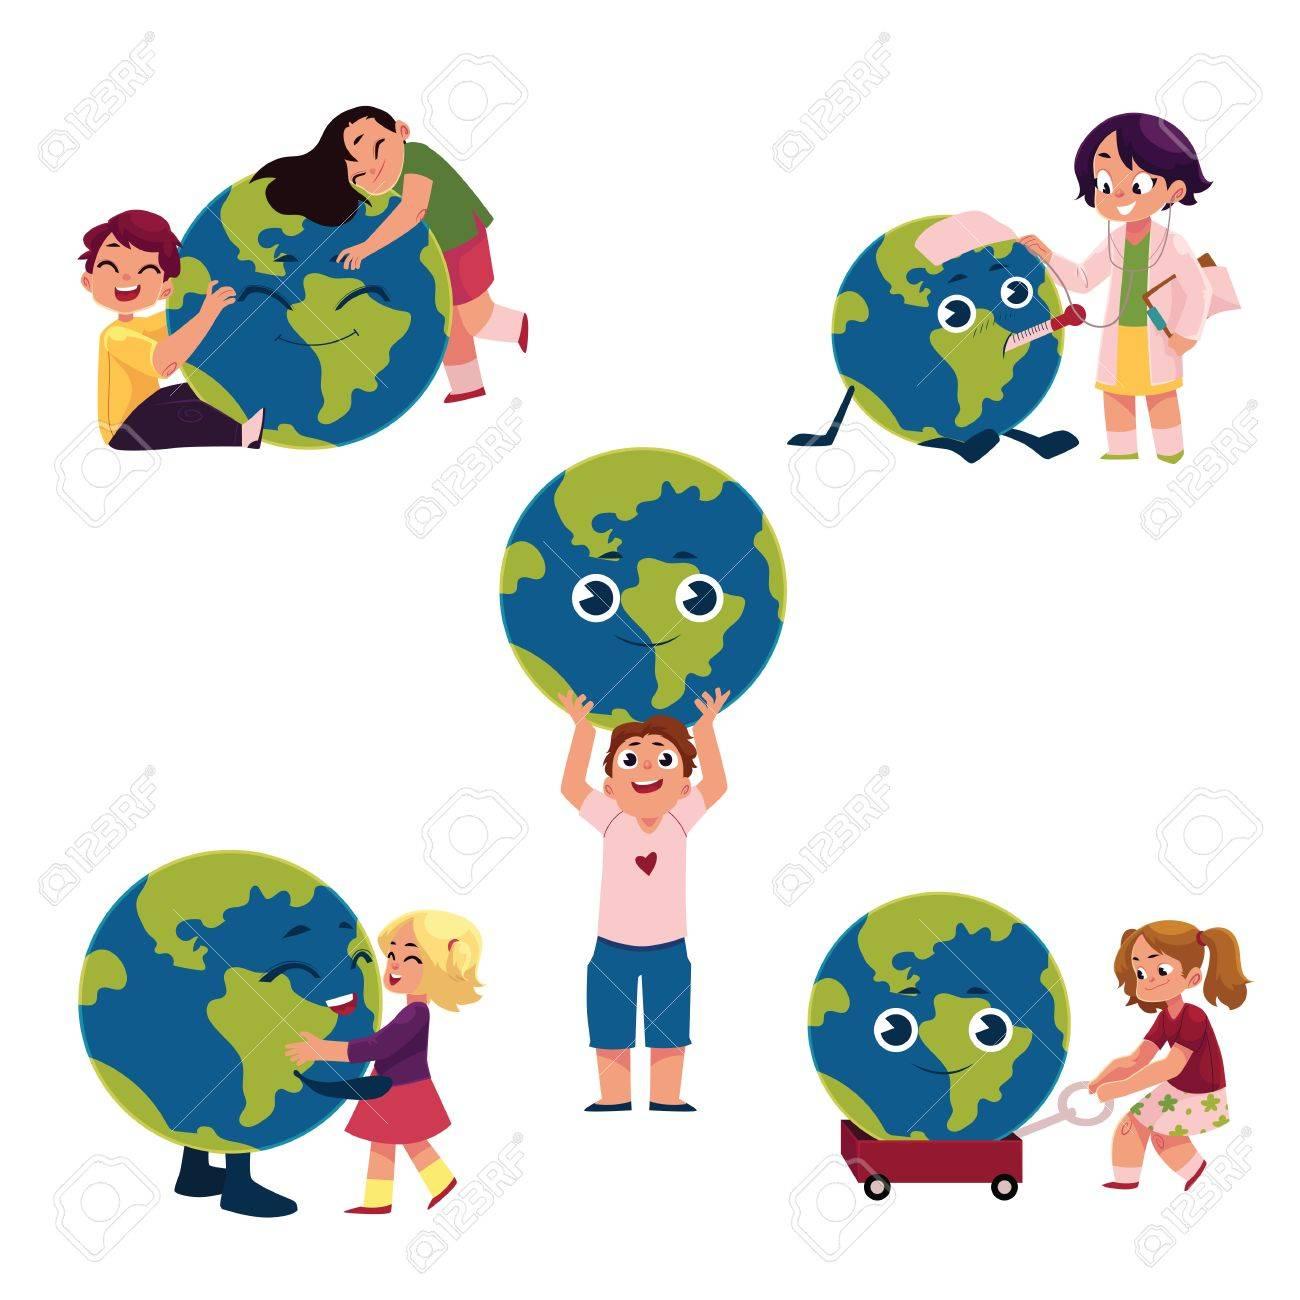 Enfants Garçons Et Filles étreignant Tenant Jouant Avec Le Globe Planète Terre Illustration De Vecteur De Dessin Animé Isolé Sur Fond Blanc Les